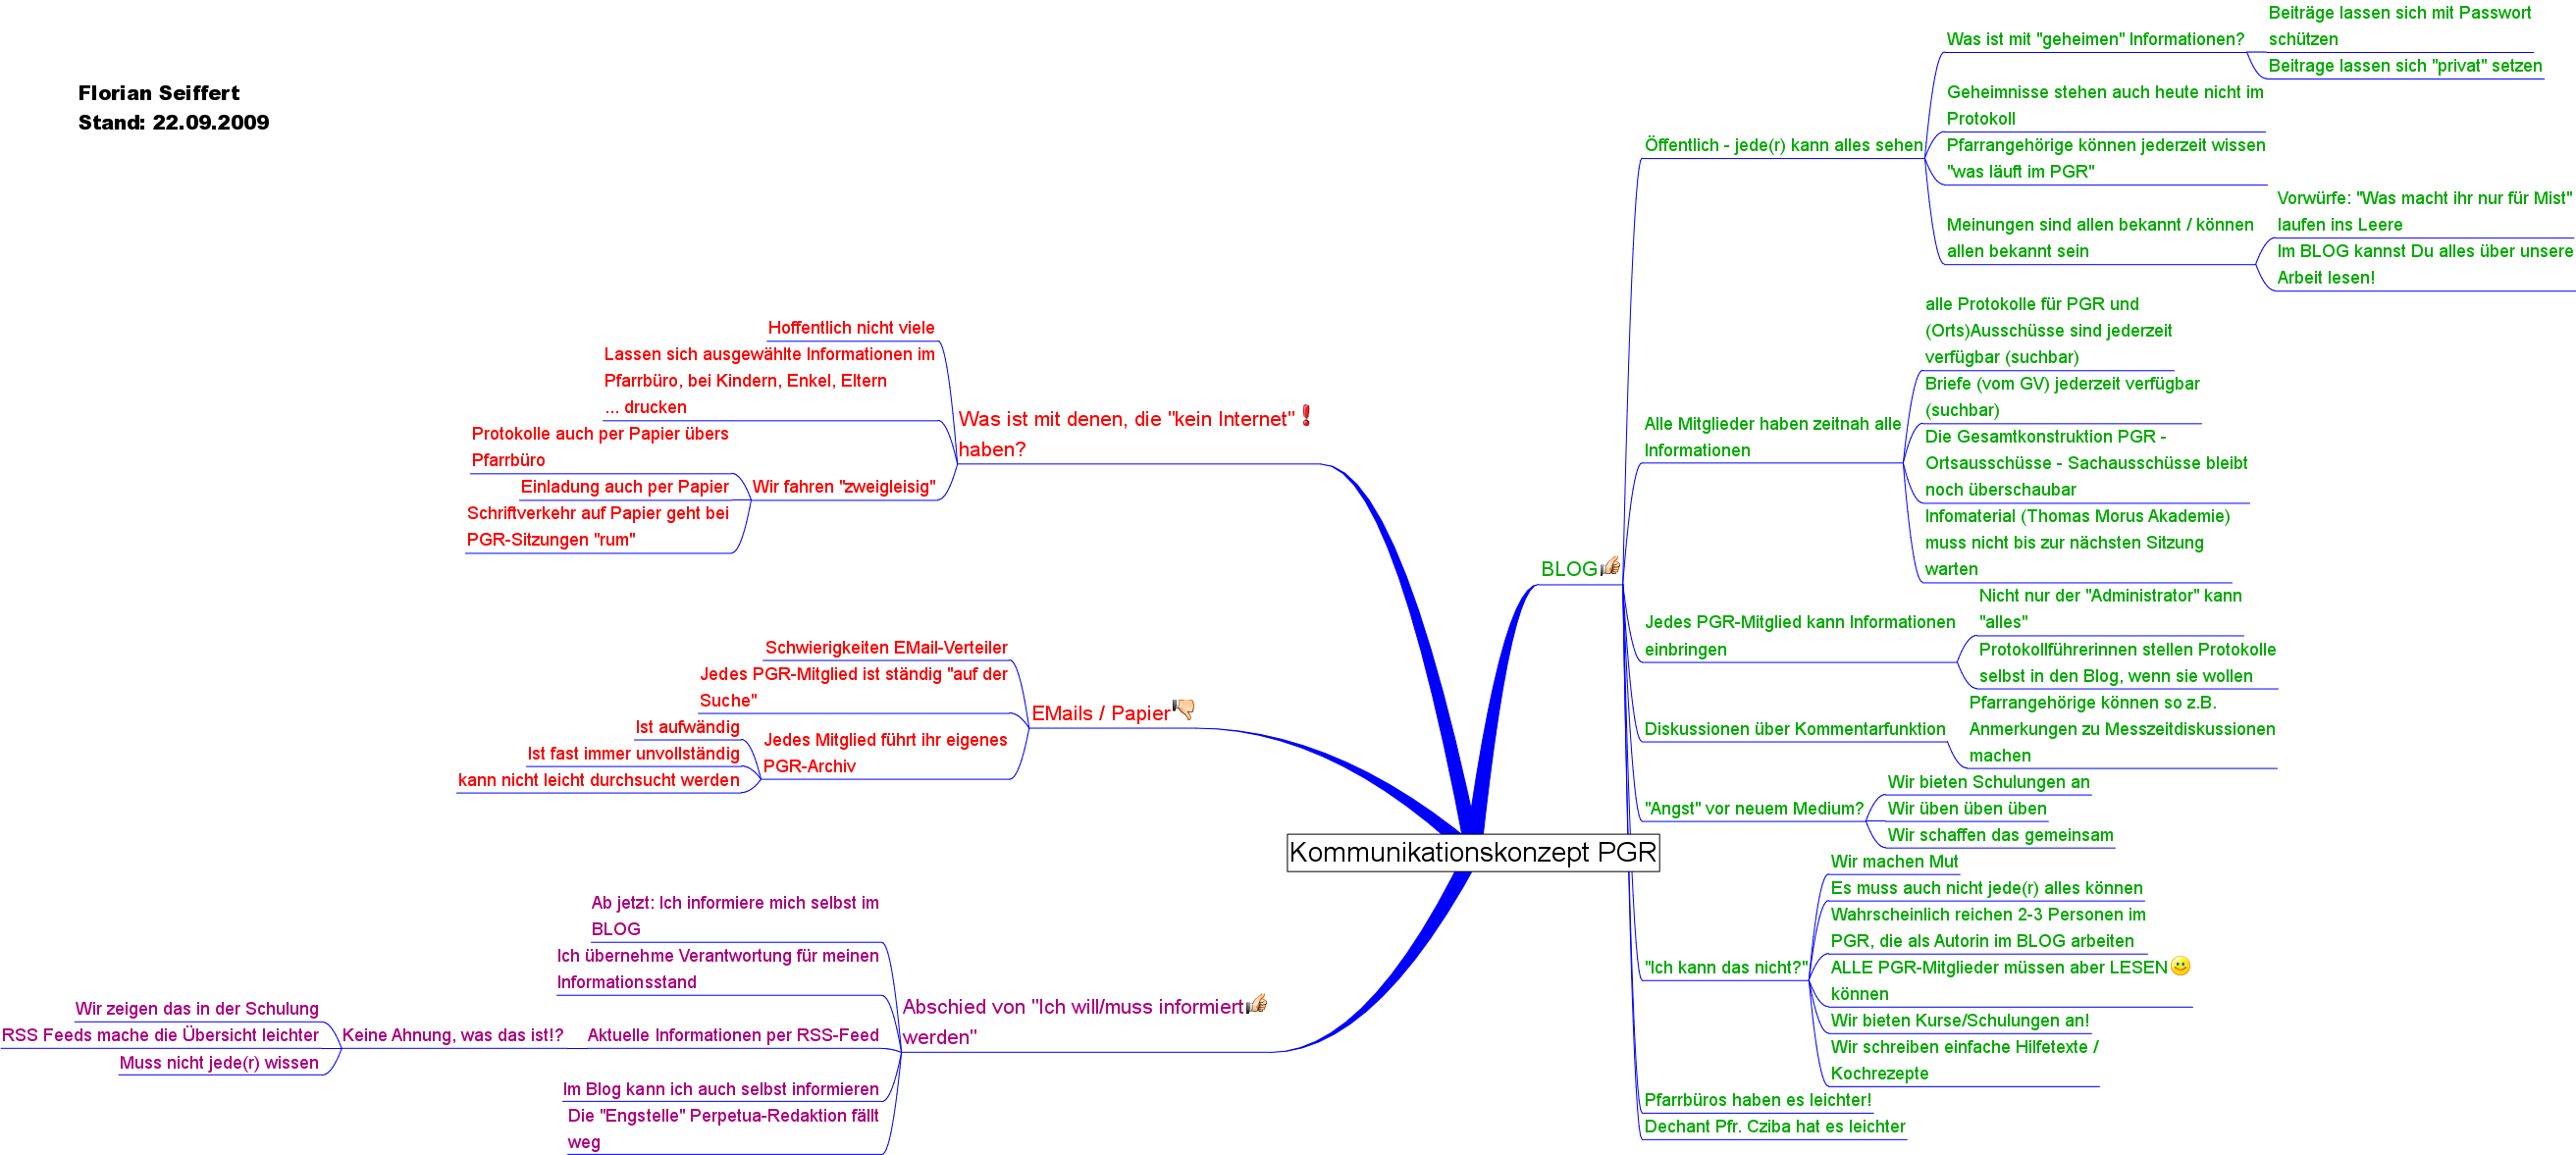 kommunikationskonzept pgr 20090922 - Kommunikationskonzept Beispiel